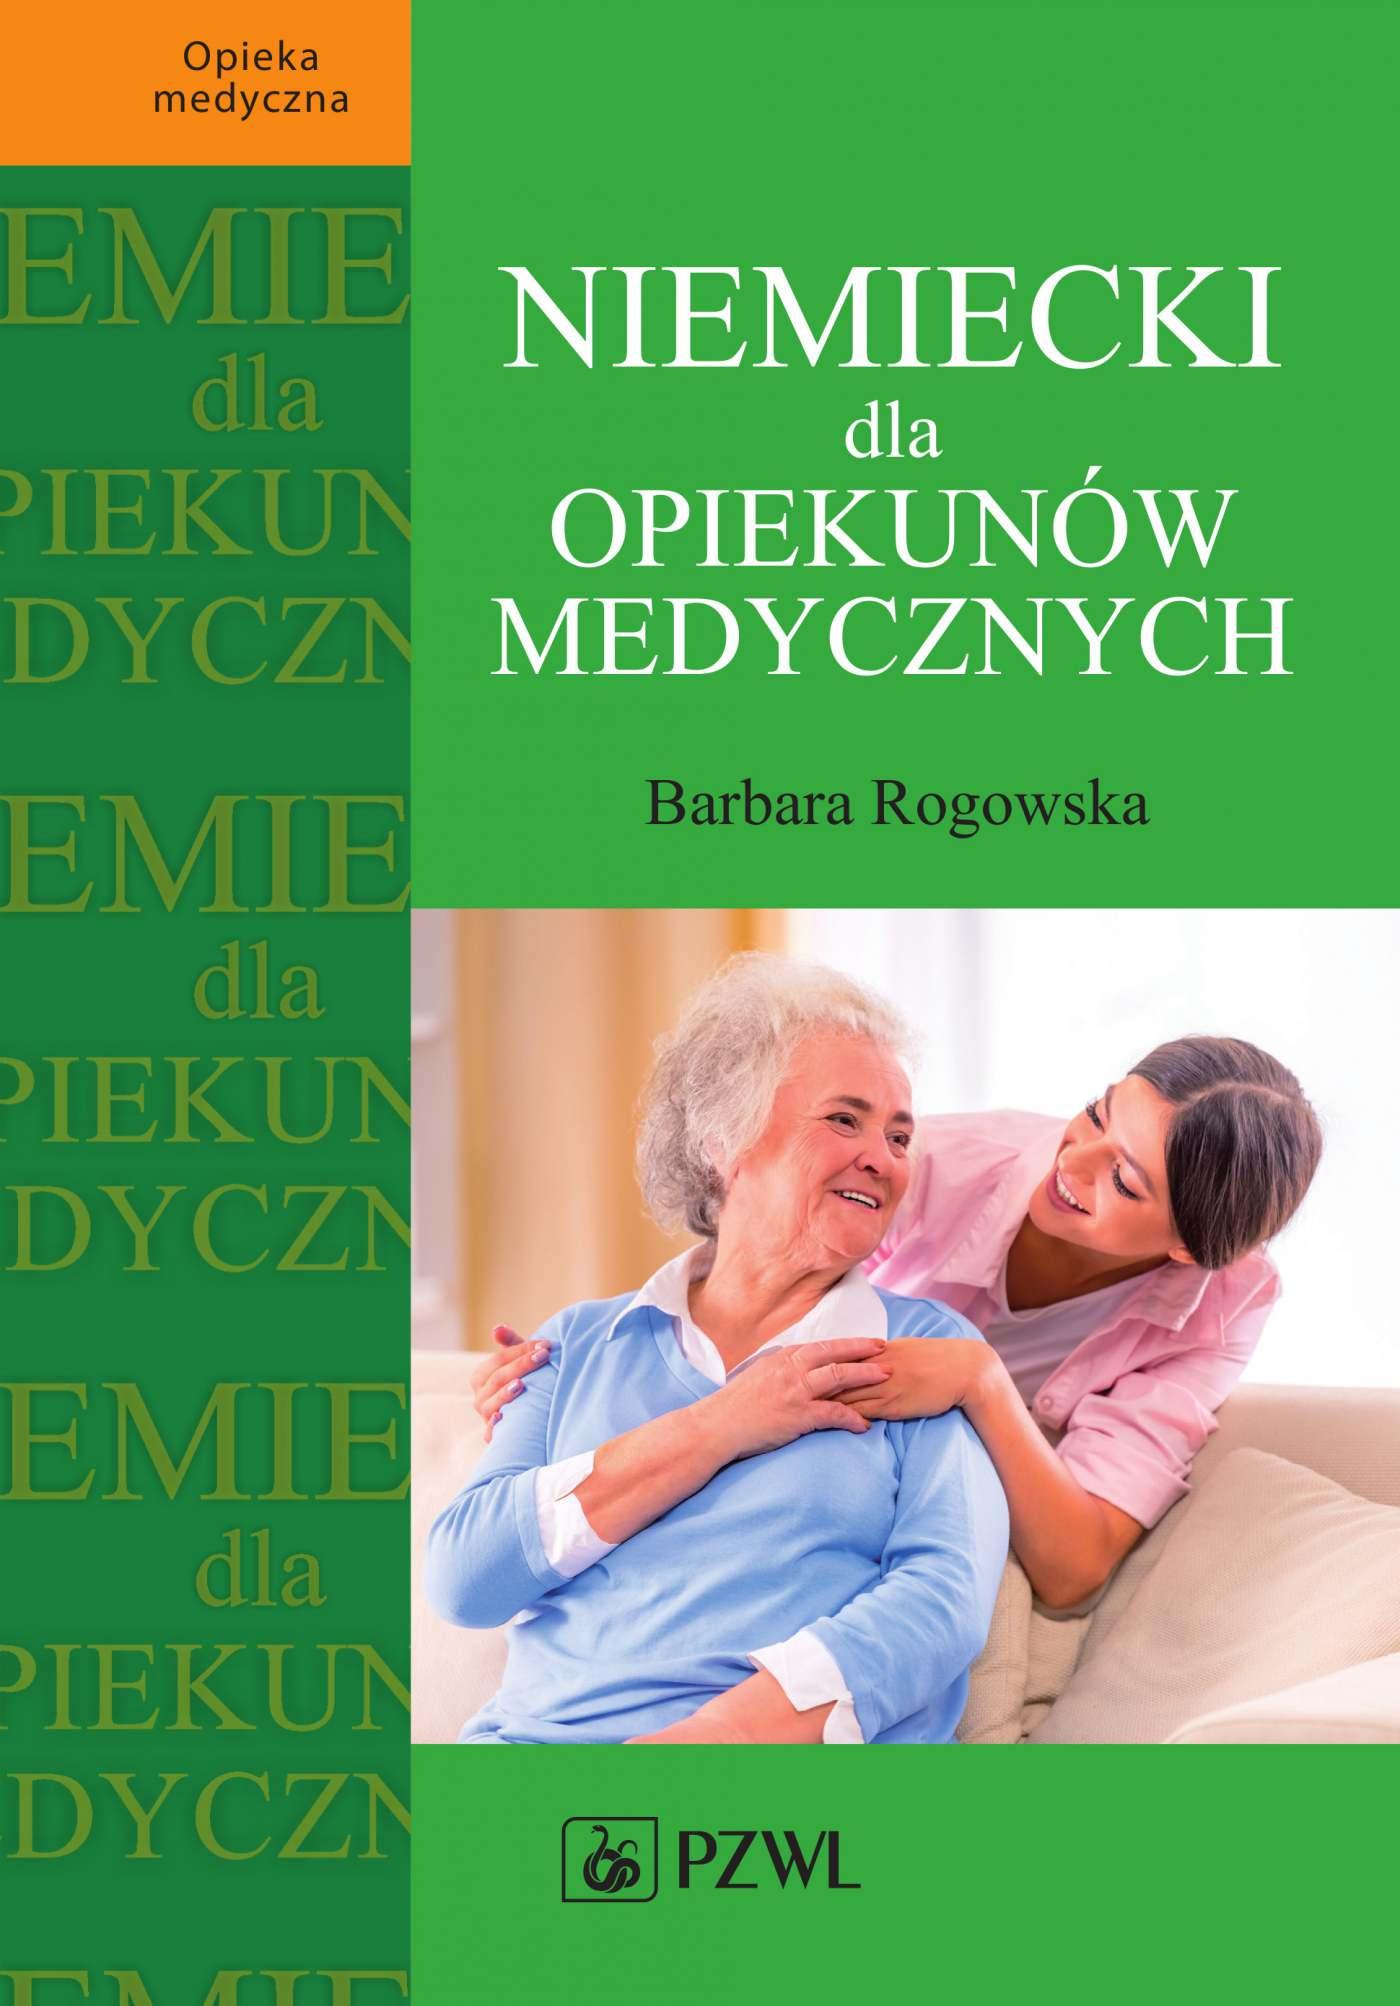 Niemiecki dla opiekunów medycznych - Ebook (Książka EPUB) do pobrania w formacie EPUB